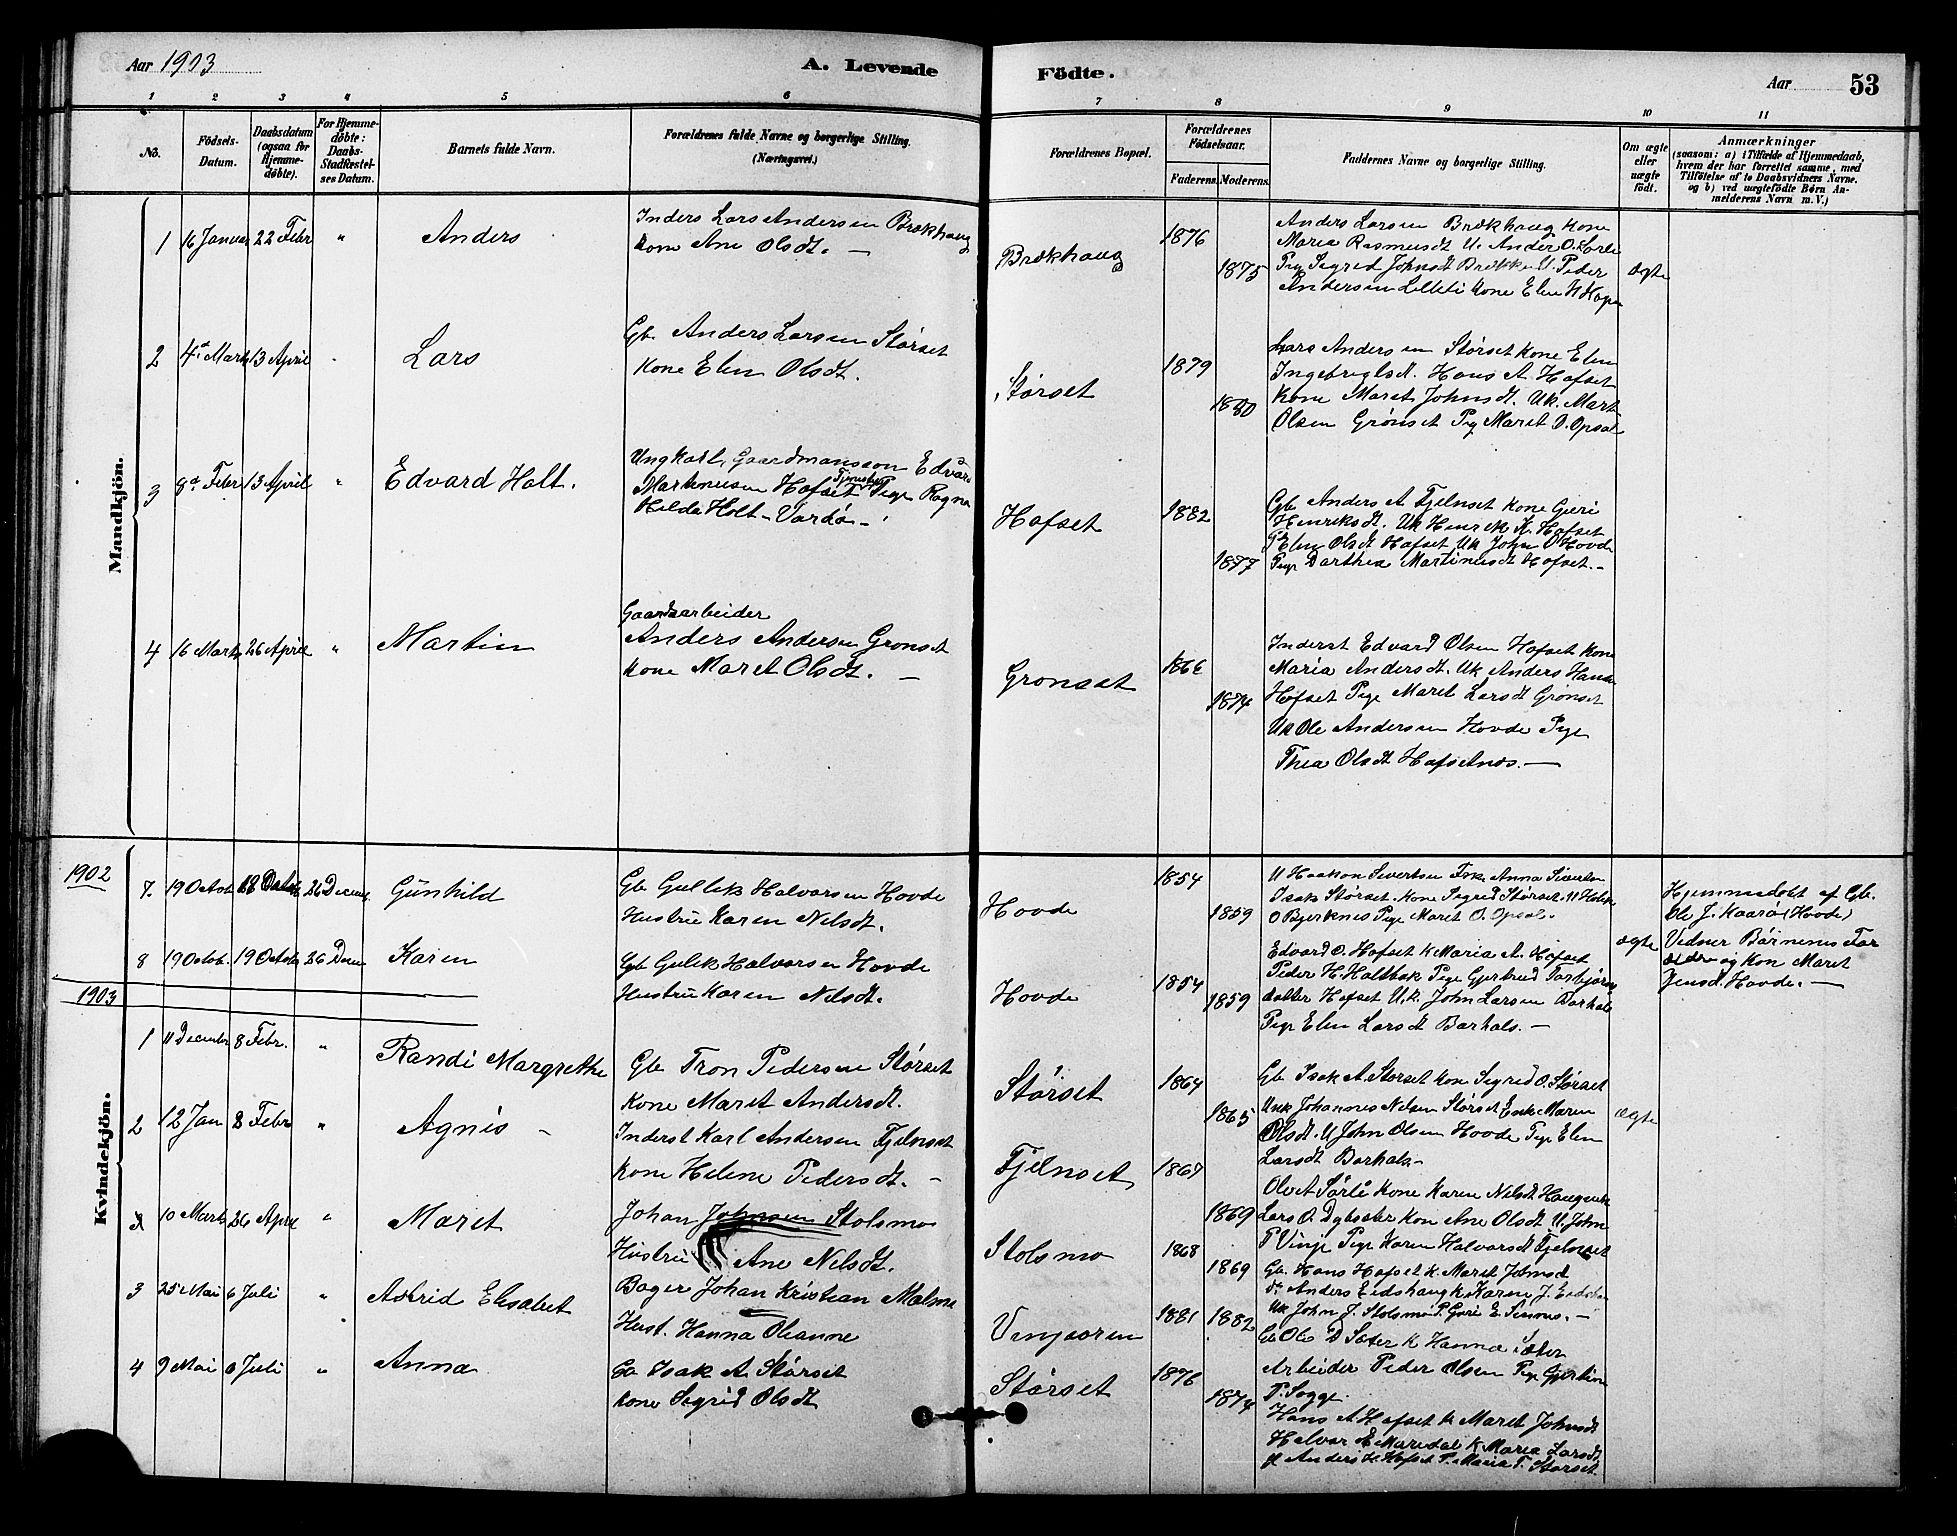 SAT, Ministerialprotokoller, klokkerbøker og fødselsregistre - Sør-Trøndelag, 631/L0514: Klokkerbok nr. 631C02, 1879-1912, s. 53